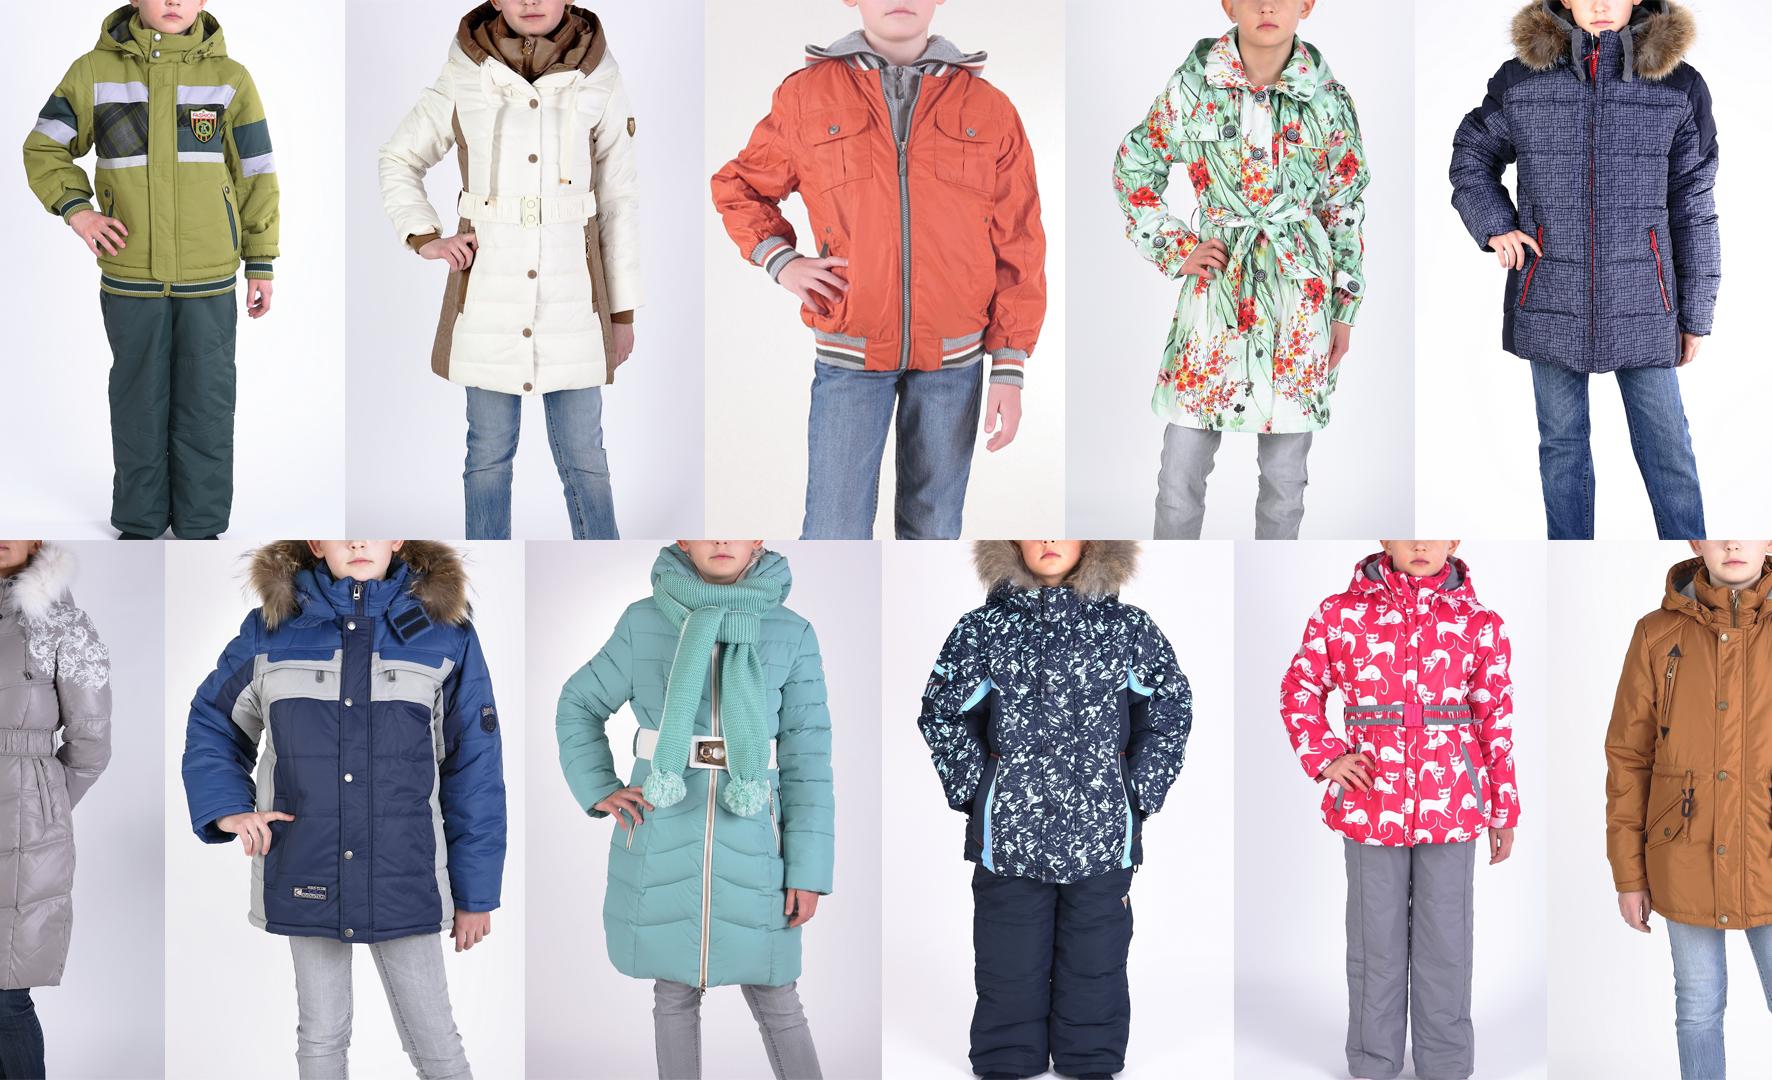 Сбор заказов. Самая теплая детская верхняя одежда Кико. Коллекции 2015/16 по сниженным ценам. Распродажа. Выкуп 11/16 - заключительный в этом сезоне